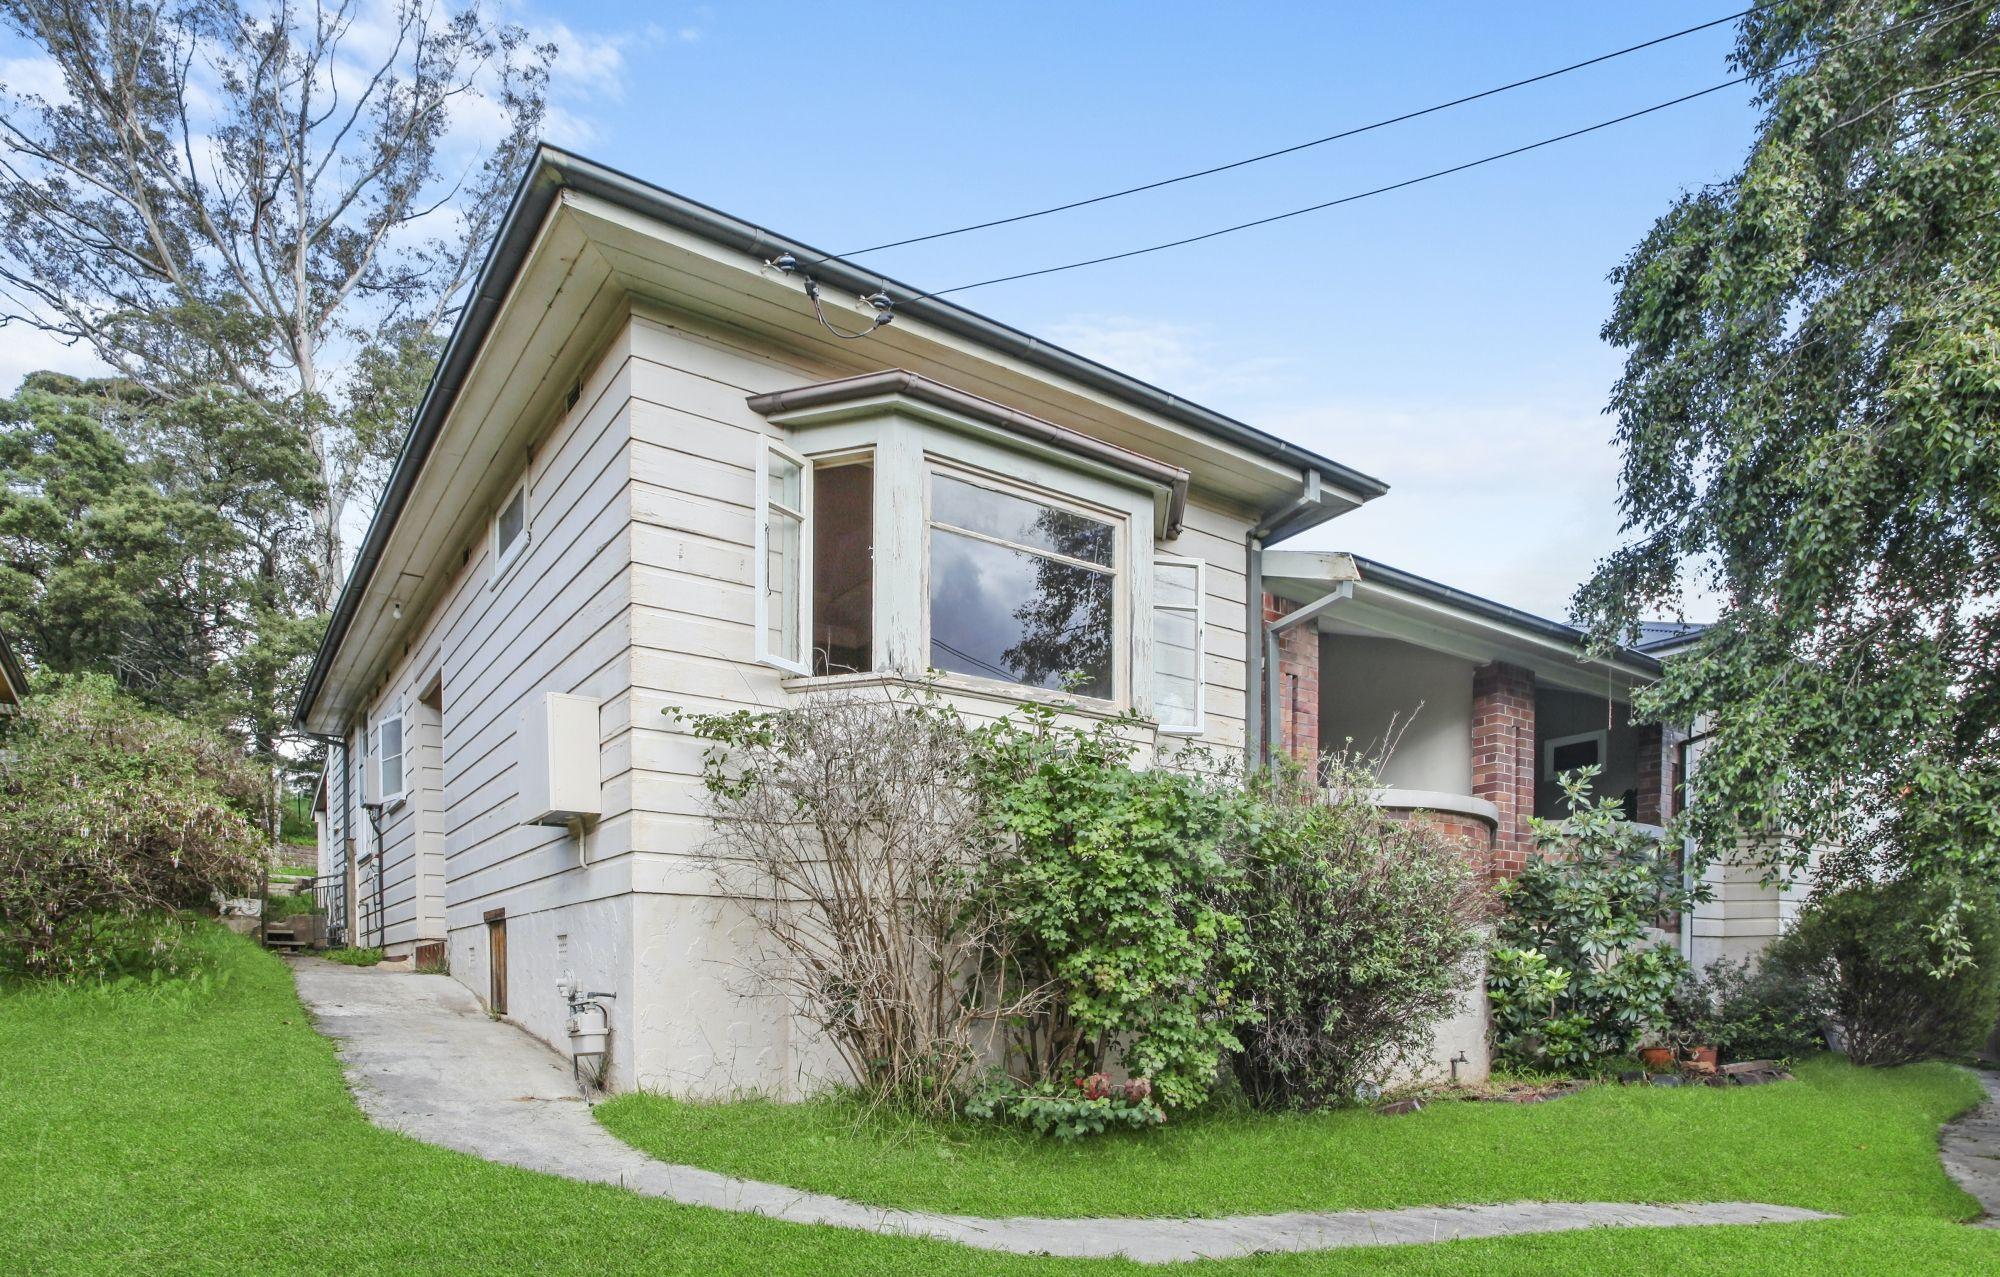 7a Dora Street Katoomba 2780